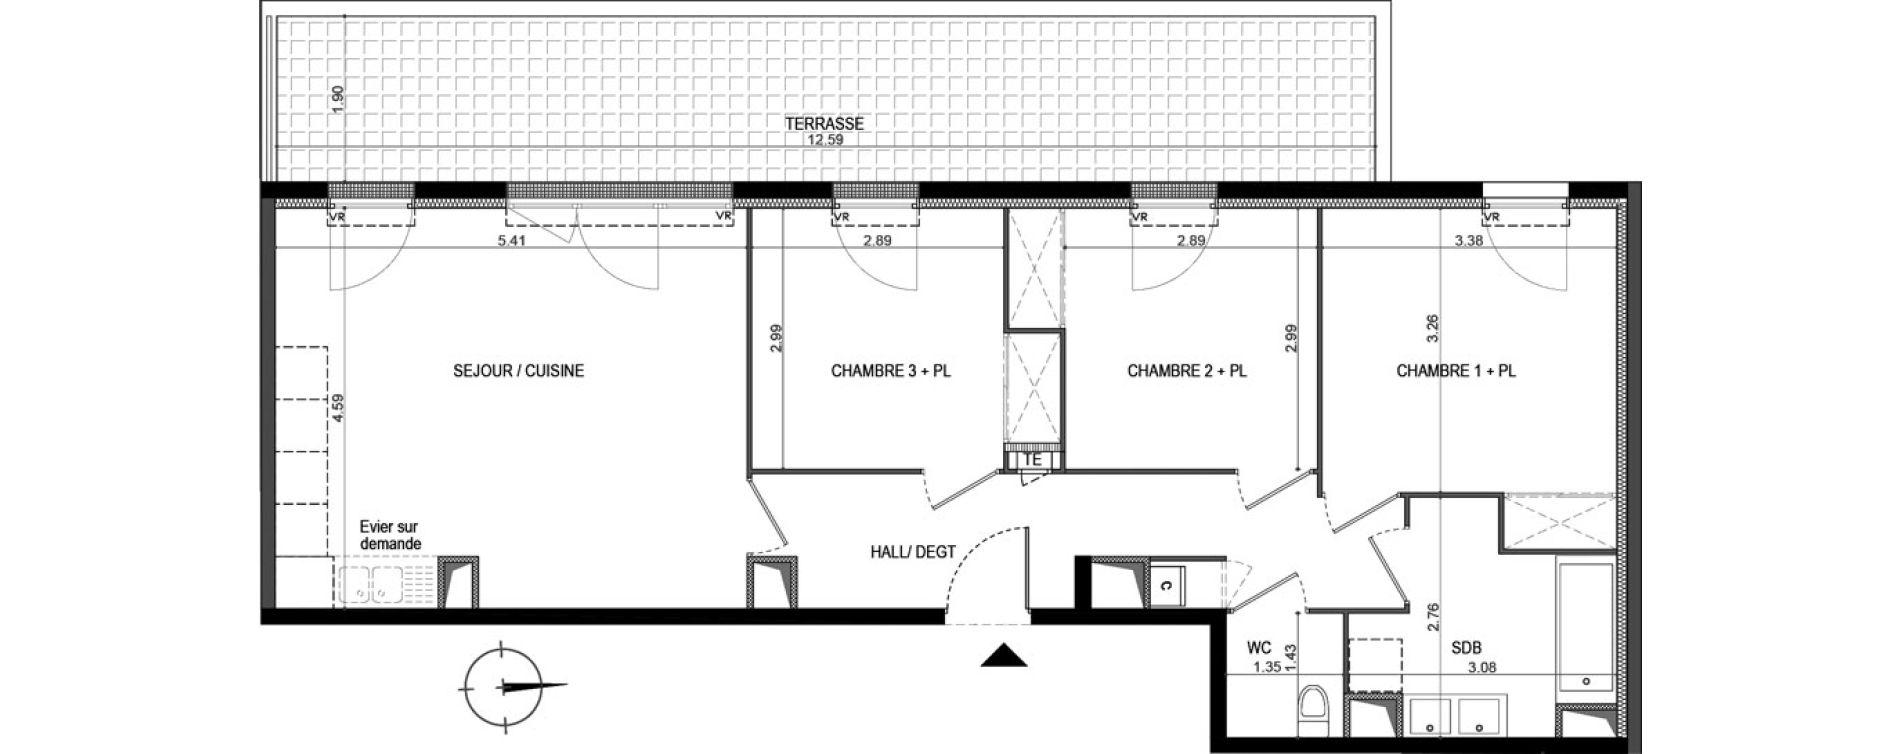 Appartement T4 de 73,67 m2 à La Seyne-Sur-Mer Porte marine